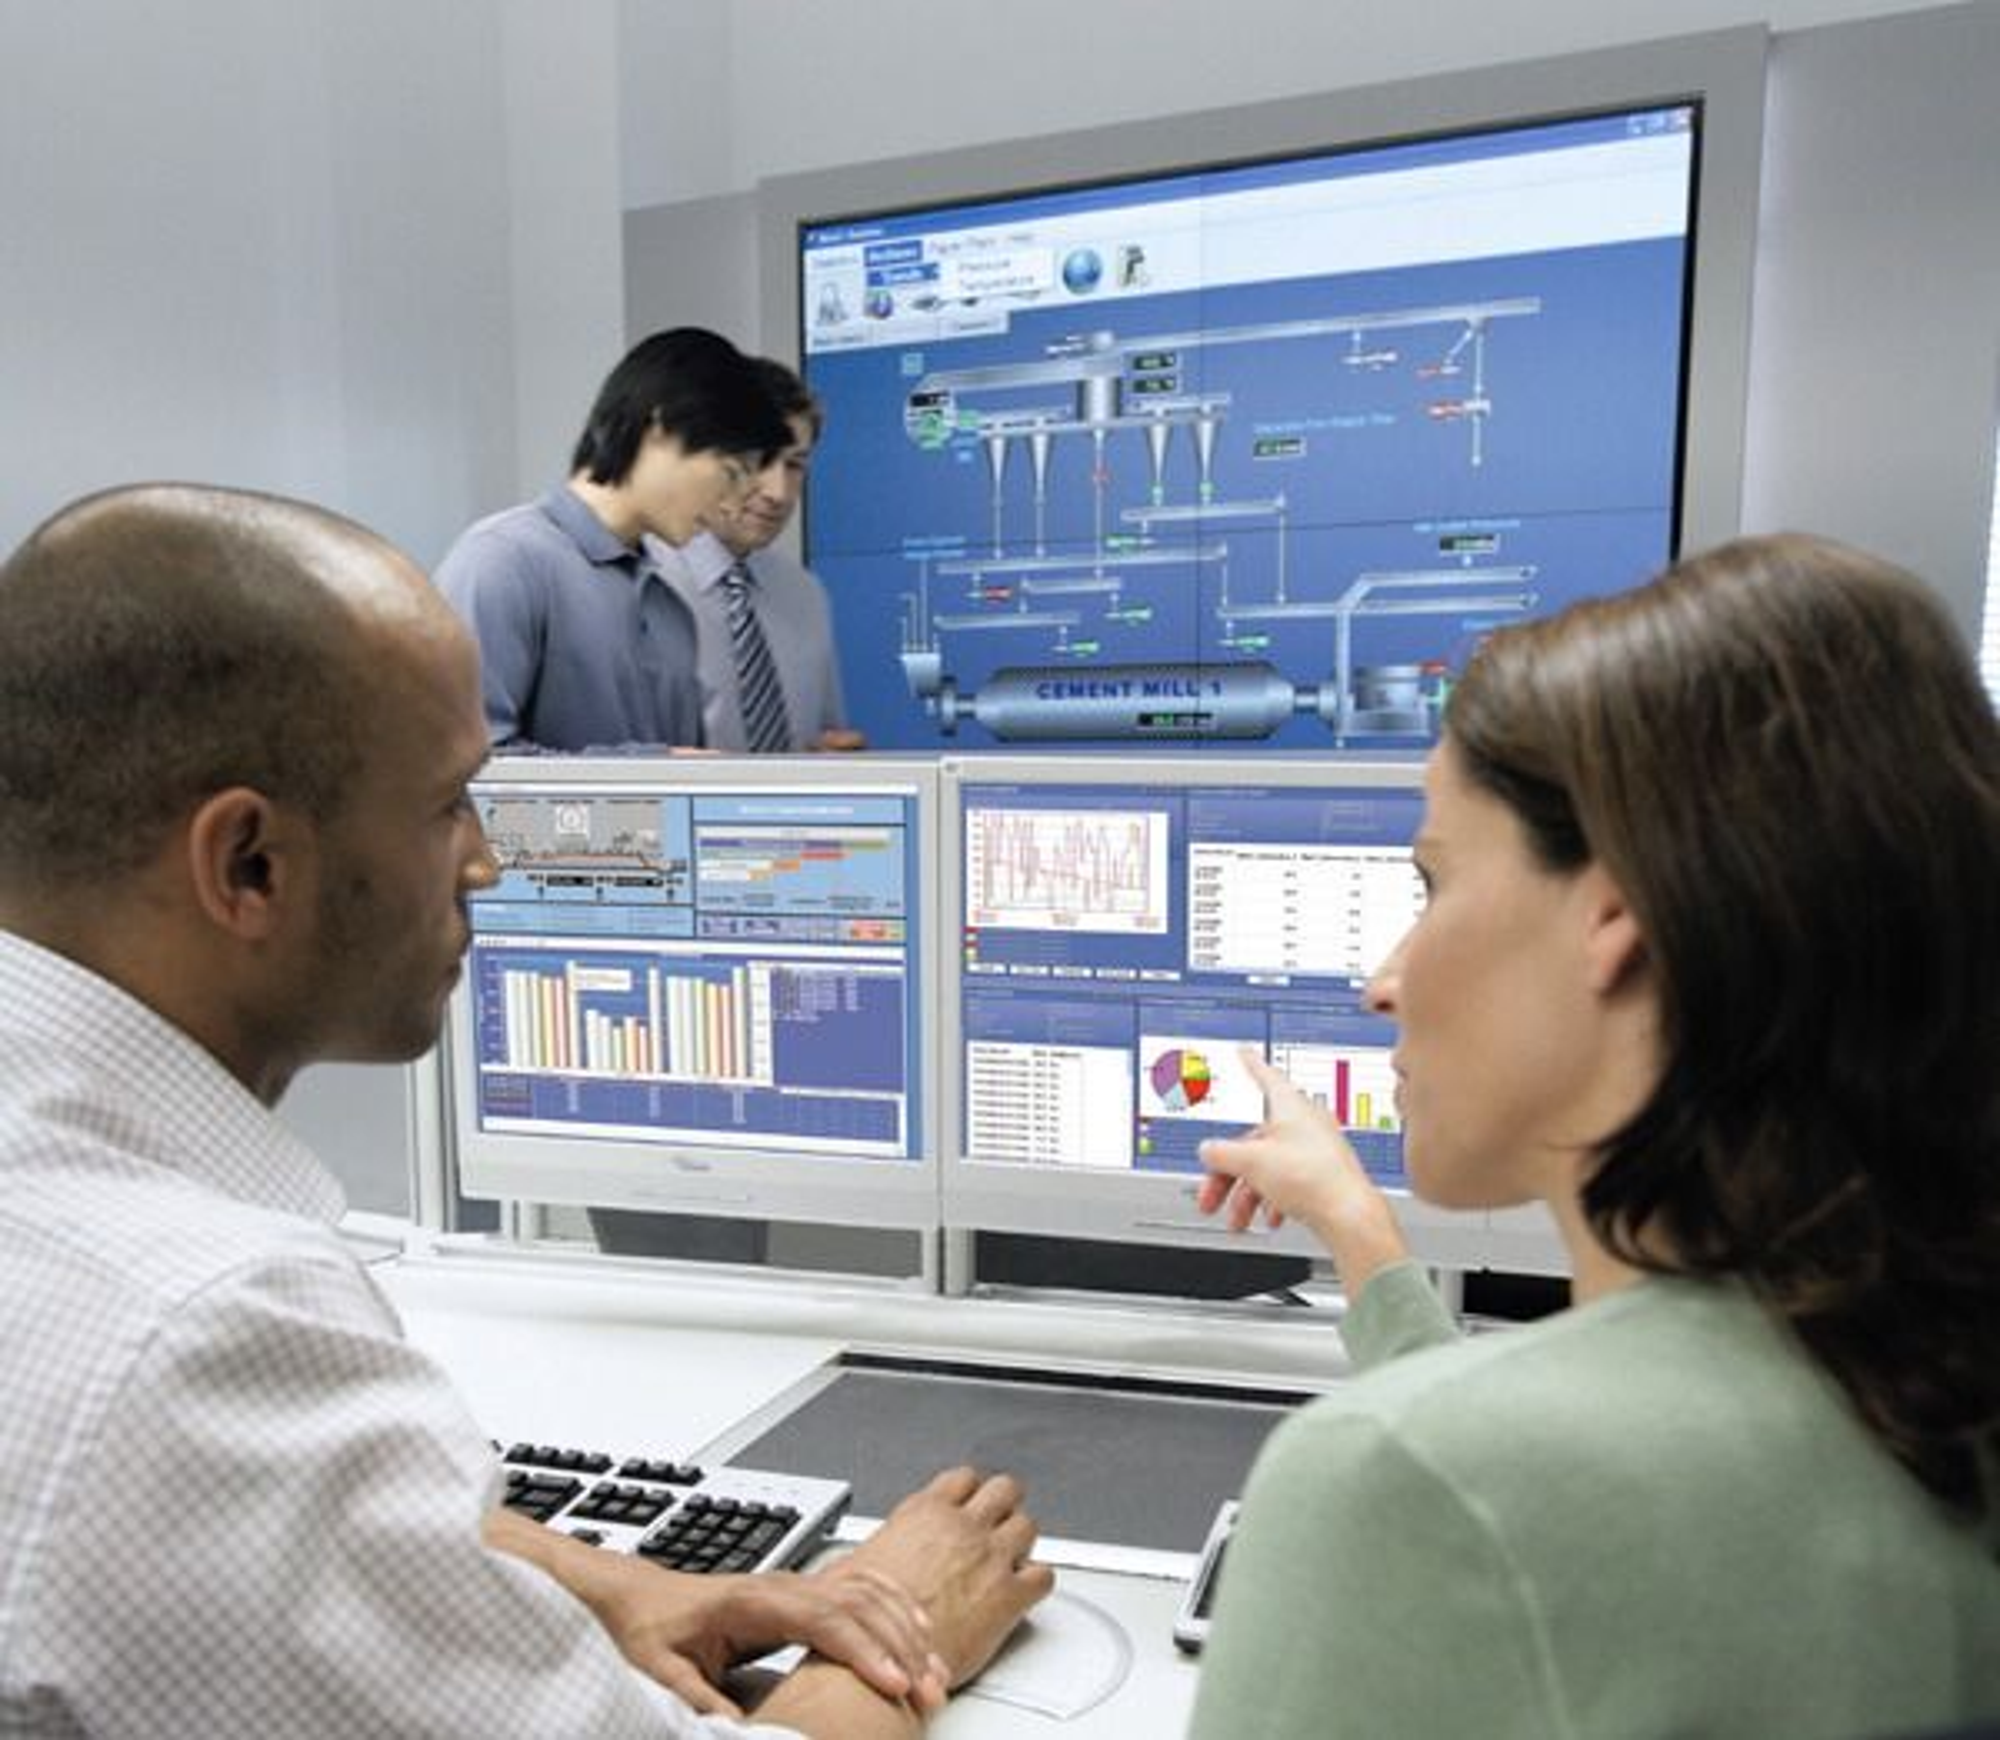 Opplæringsvideoer innen reguleringsteknikk kan være en kjekk sak for å få grepet på blant annet kaskadekopling, foroverkopling og regulatorinstillinger (Ill. Siemens).